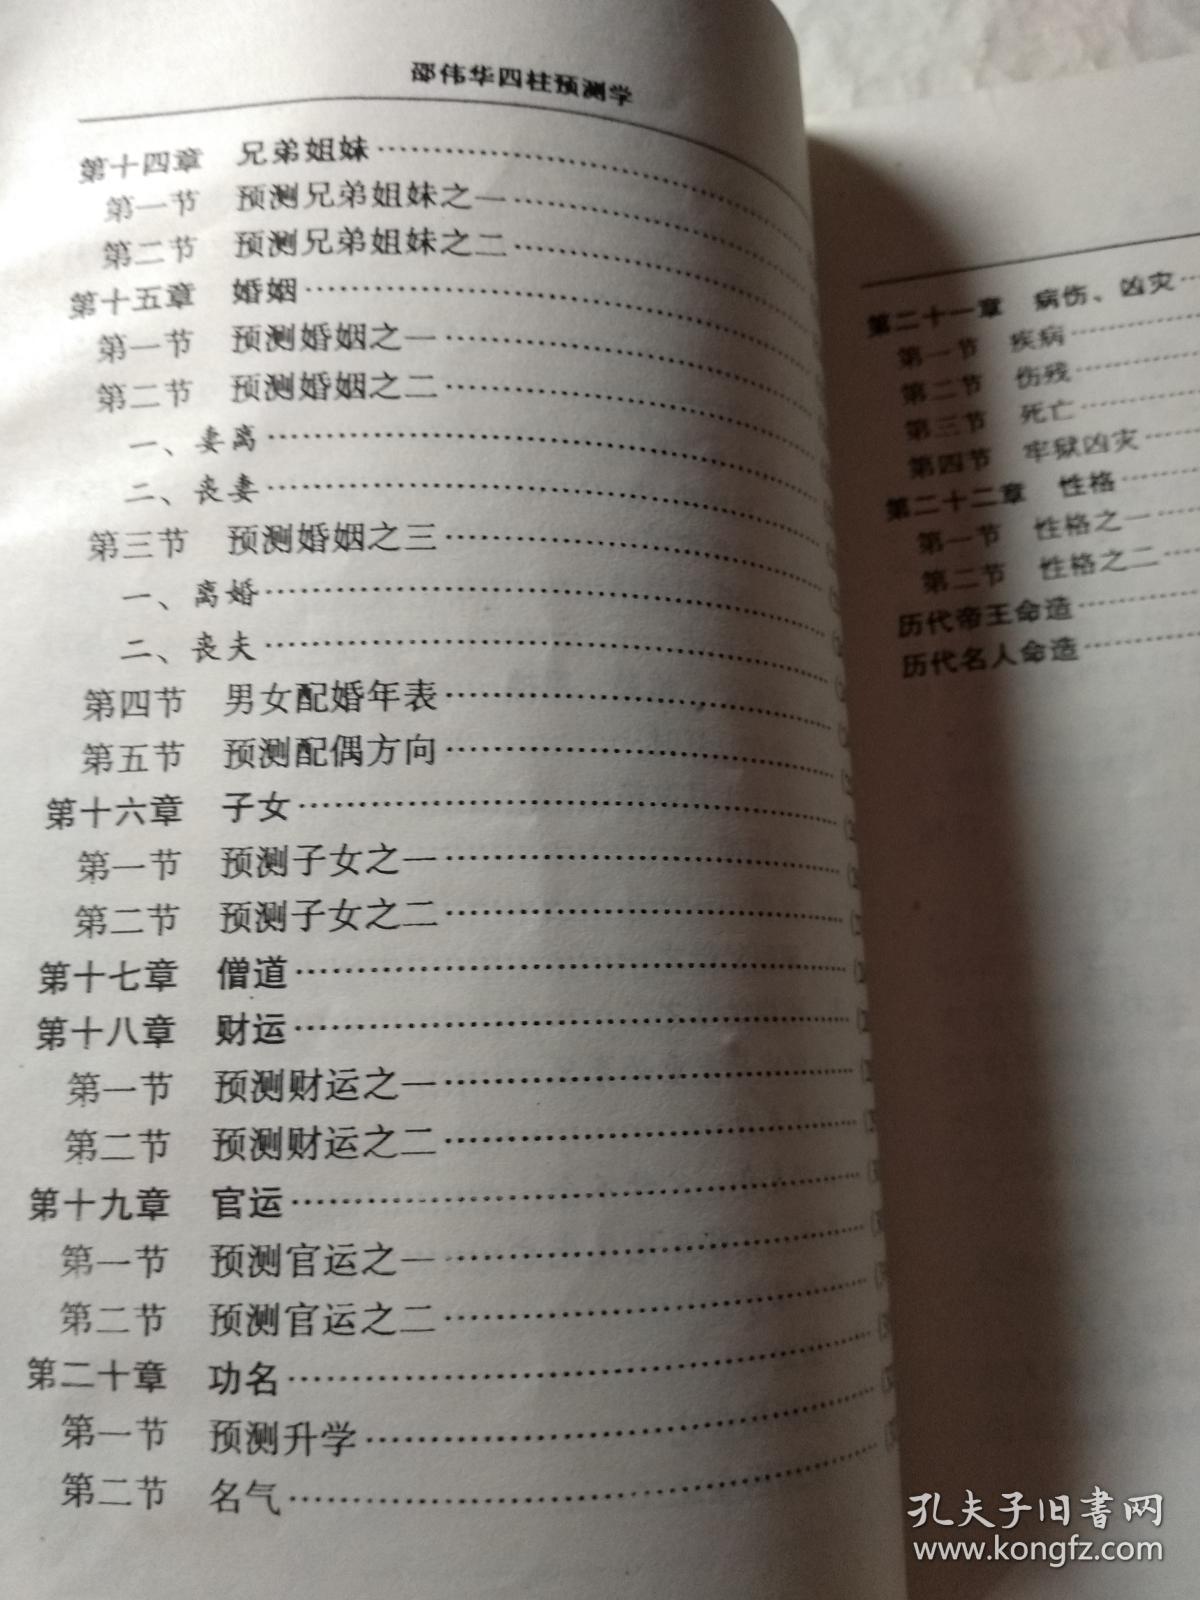 邵伟华四柱预测学 腾讯